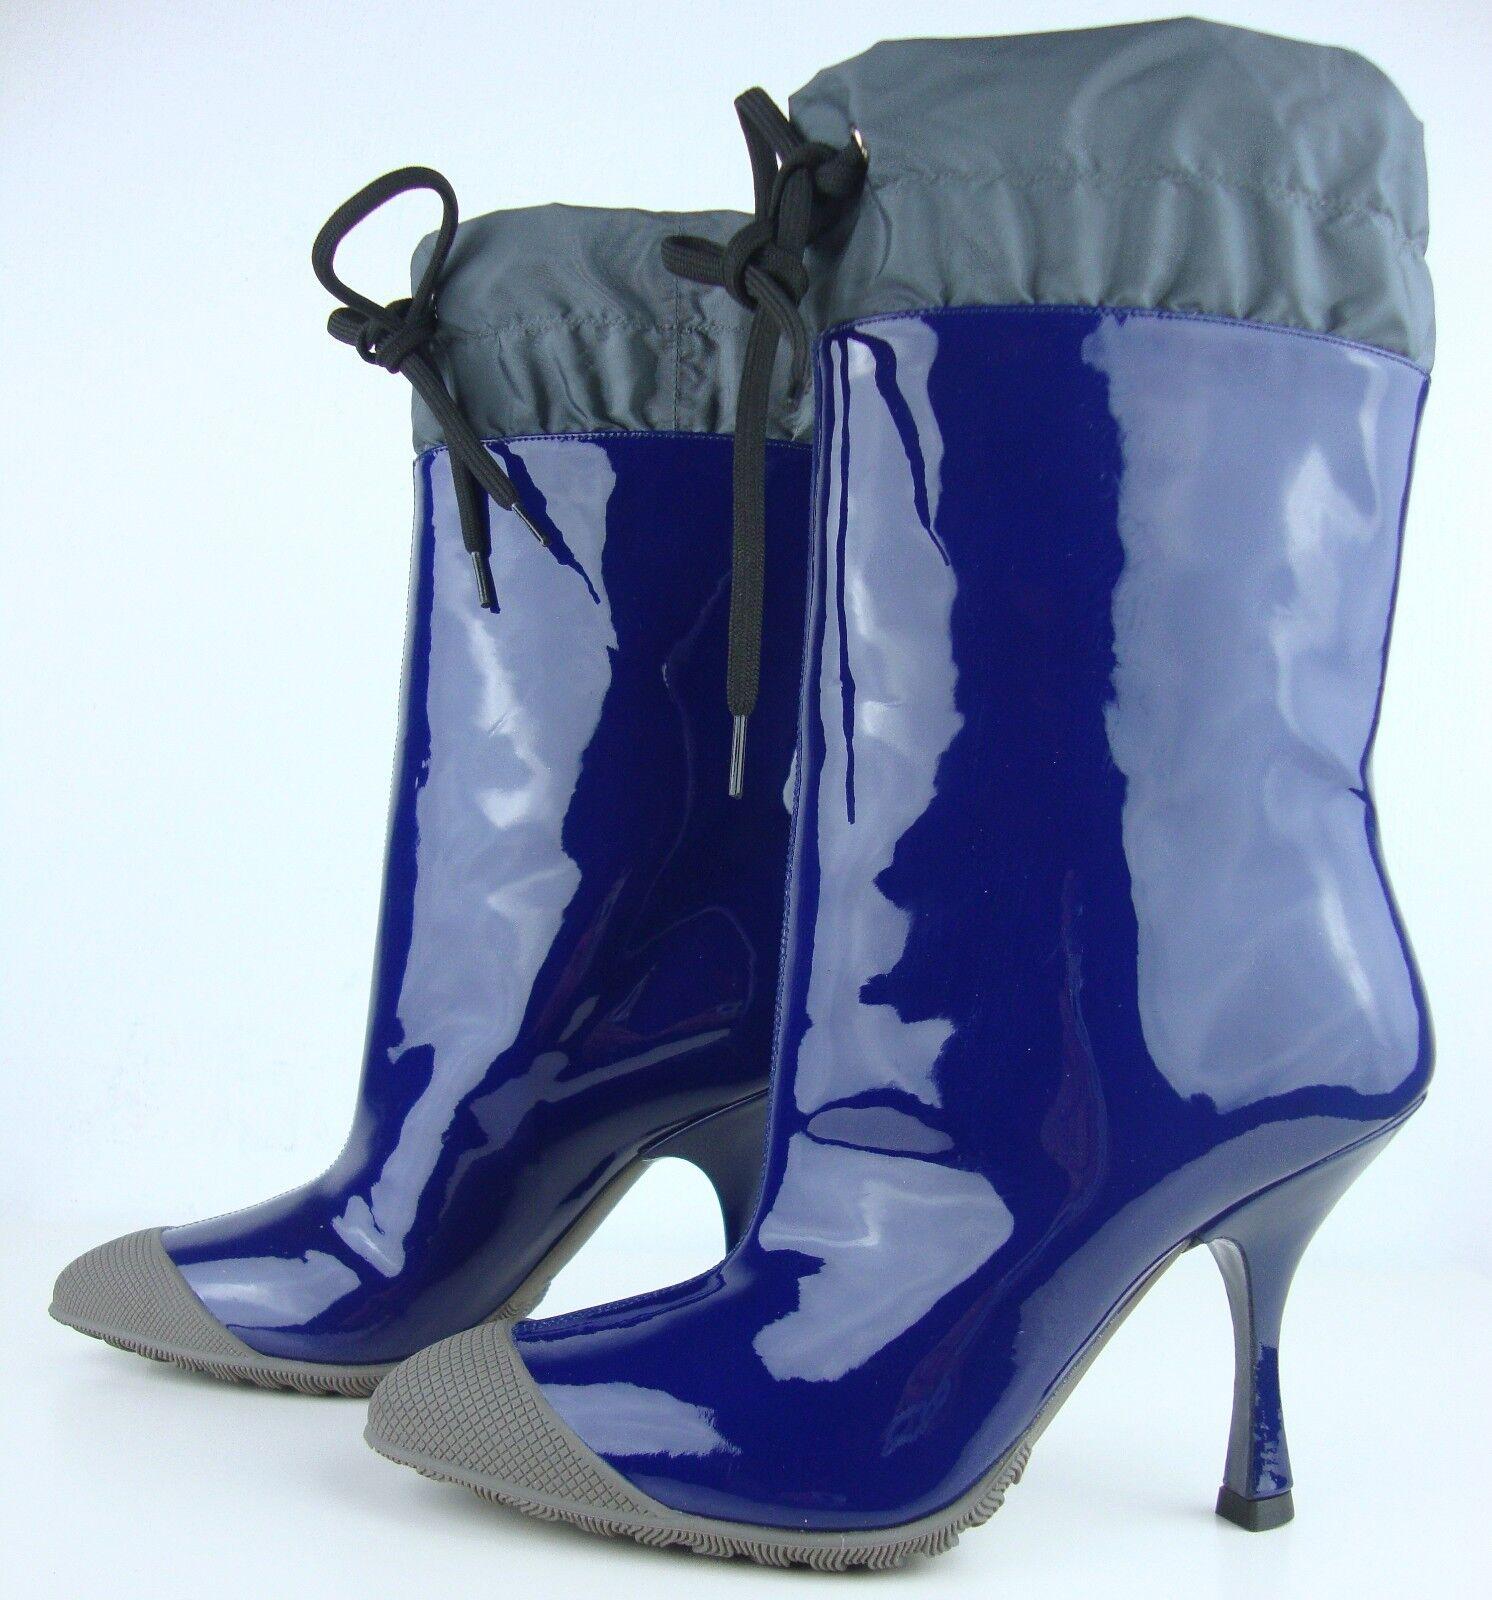 MIU MIU Leder by PRADA Damen Stiefel Stiefelette Stiefel Leder MIU Blau Gr.35 NEU a2b713